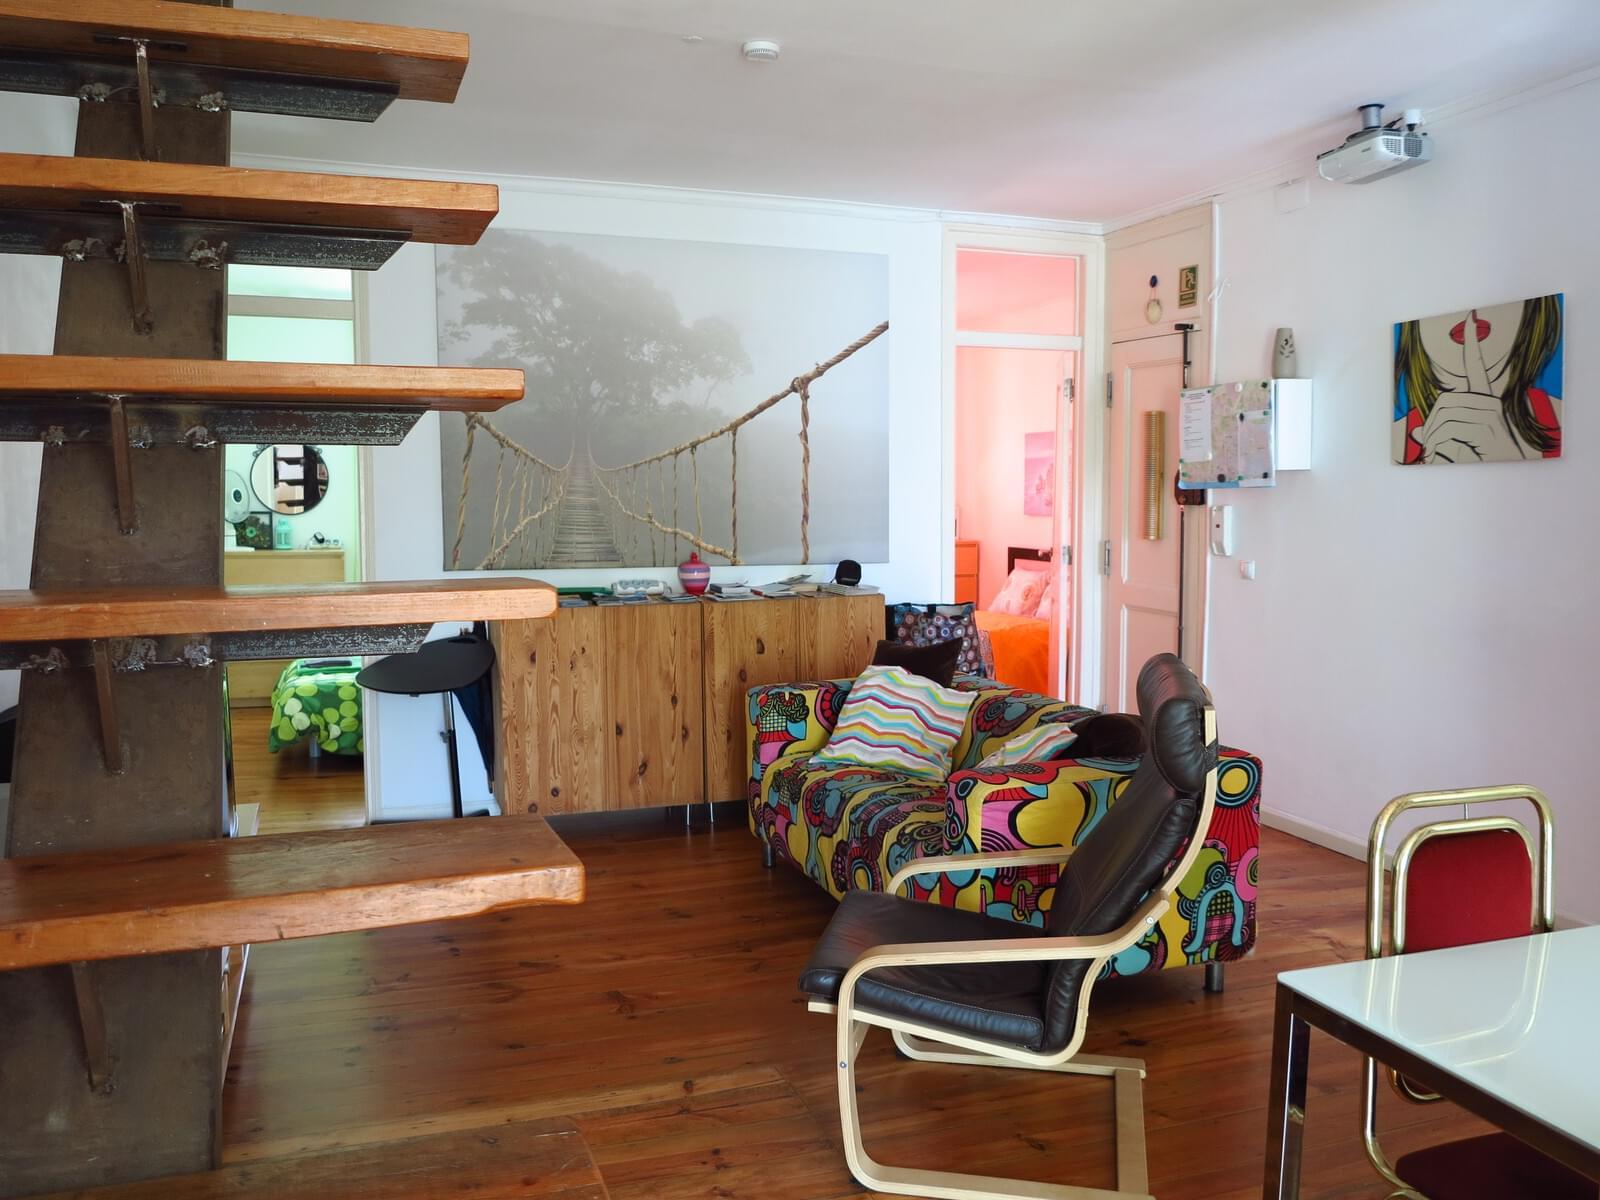 3 bedroom duplex with furniture